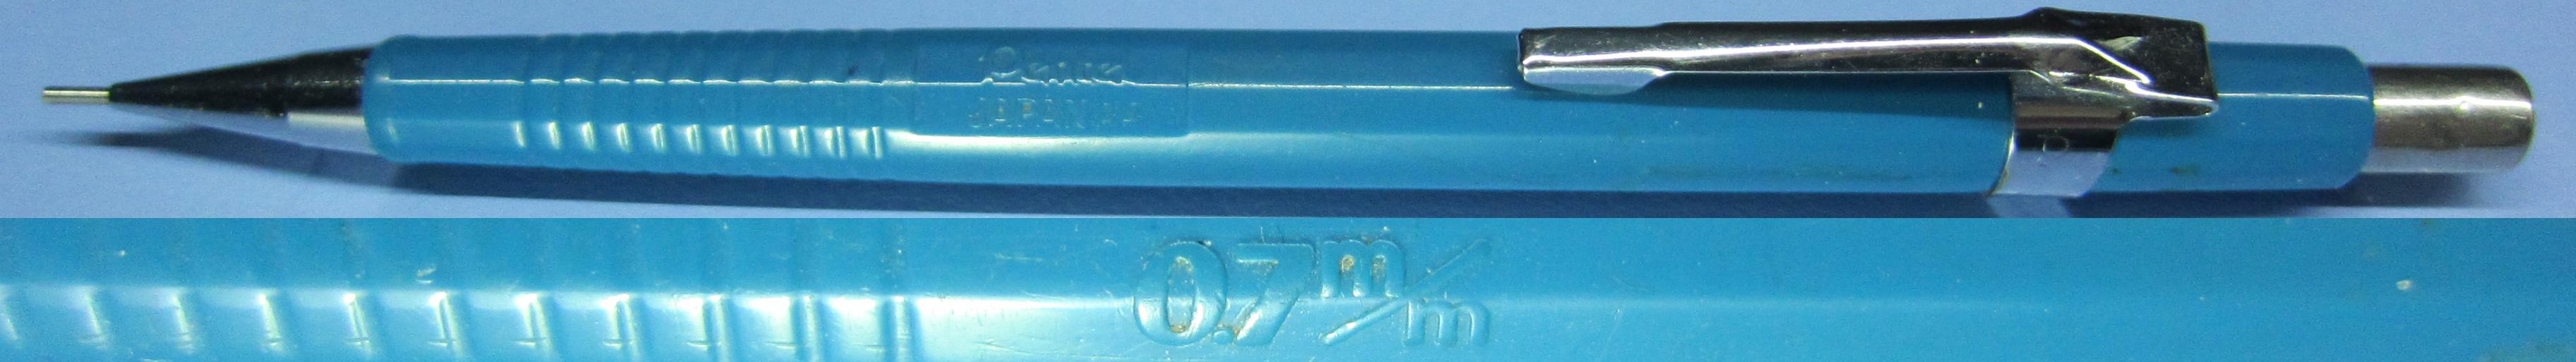 P207C (Gen 2) - 513